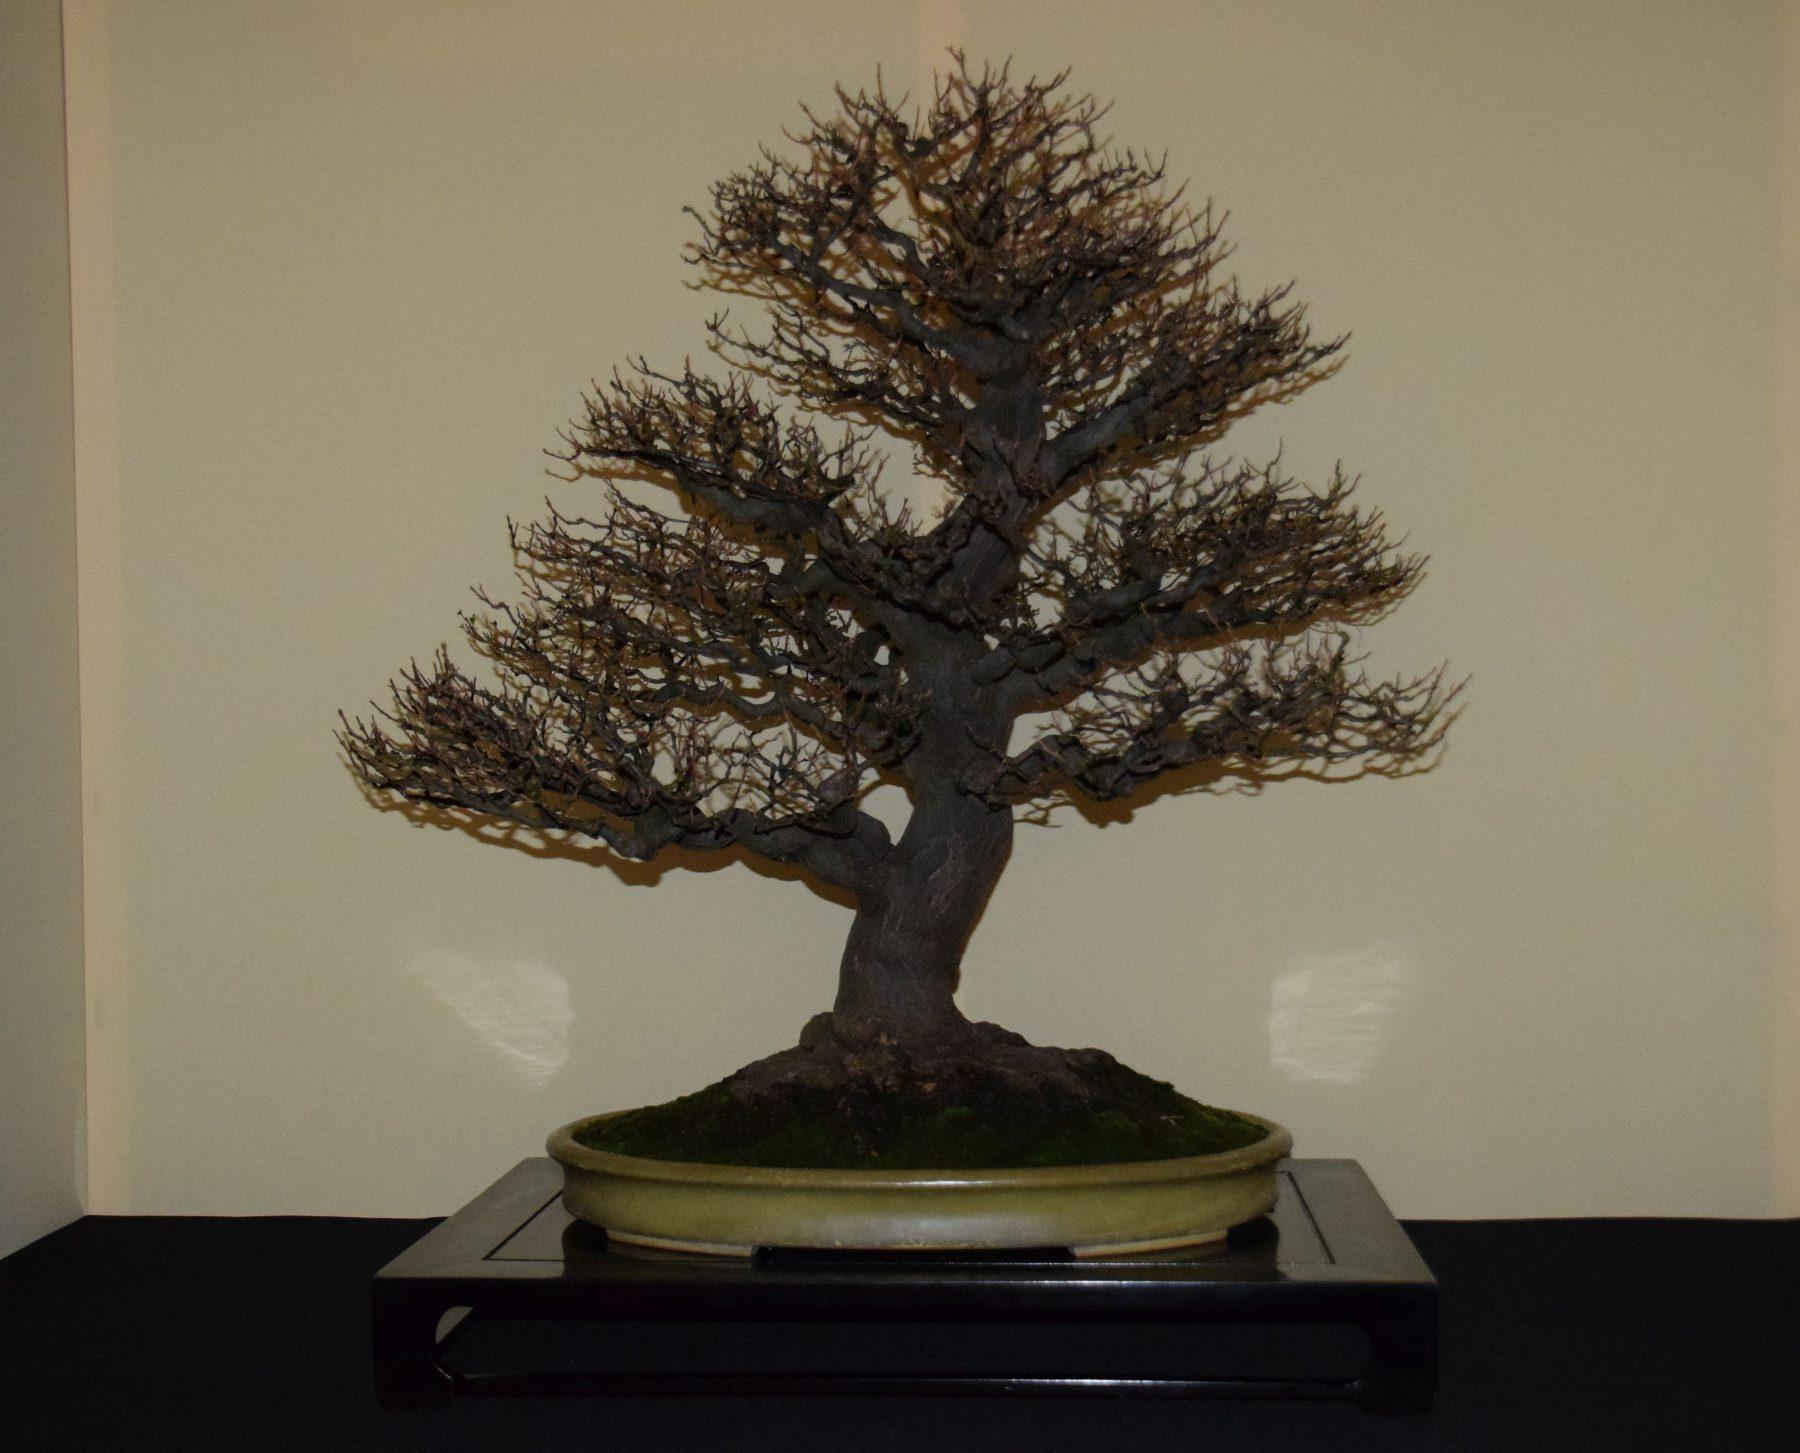 euk-bonsai-ten-2016-jp-polmans-collectie-005